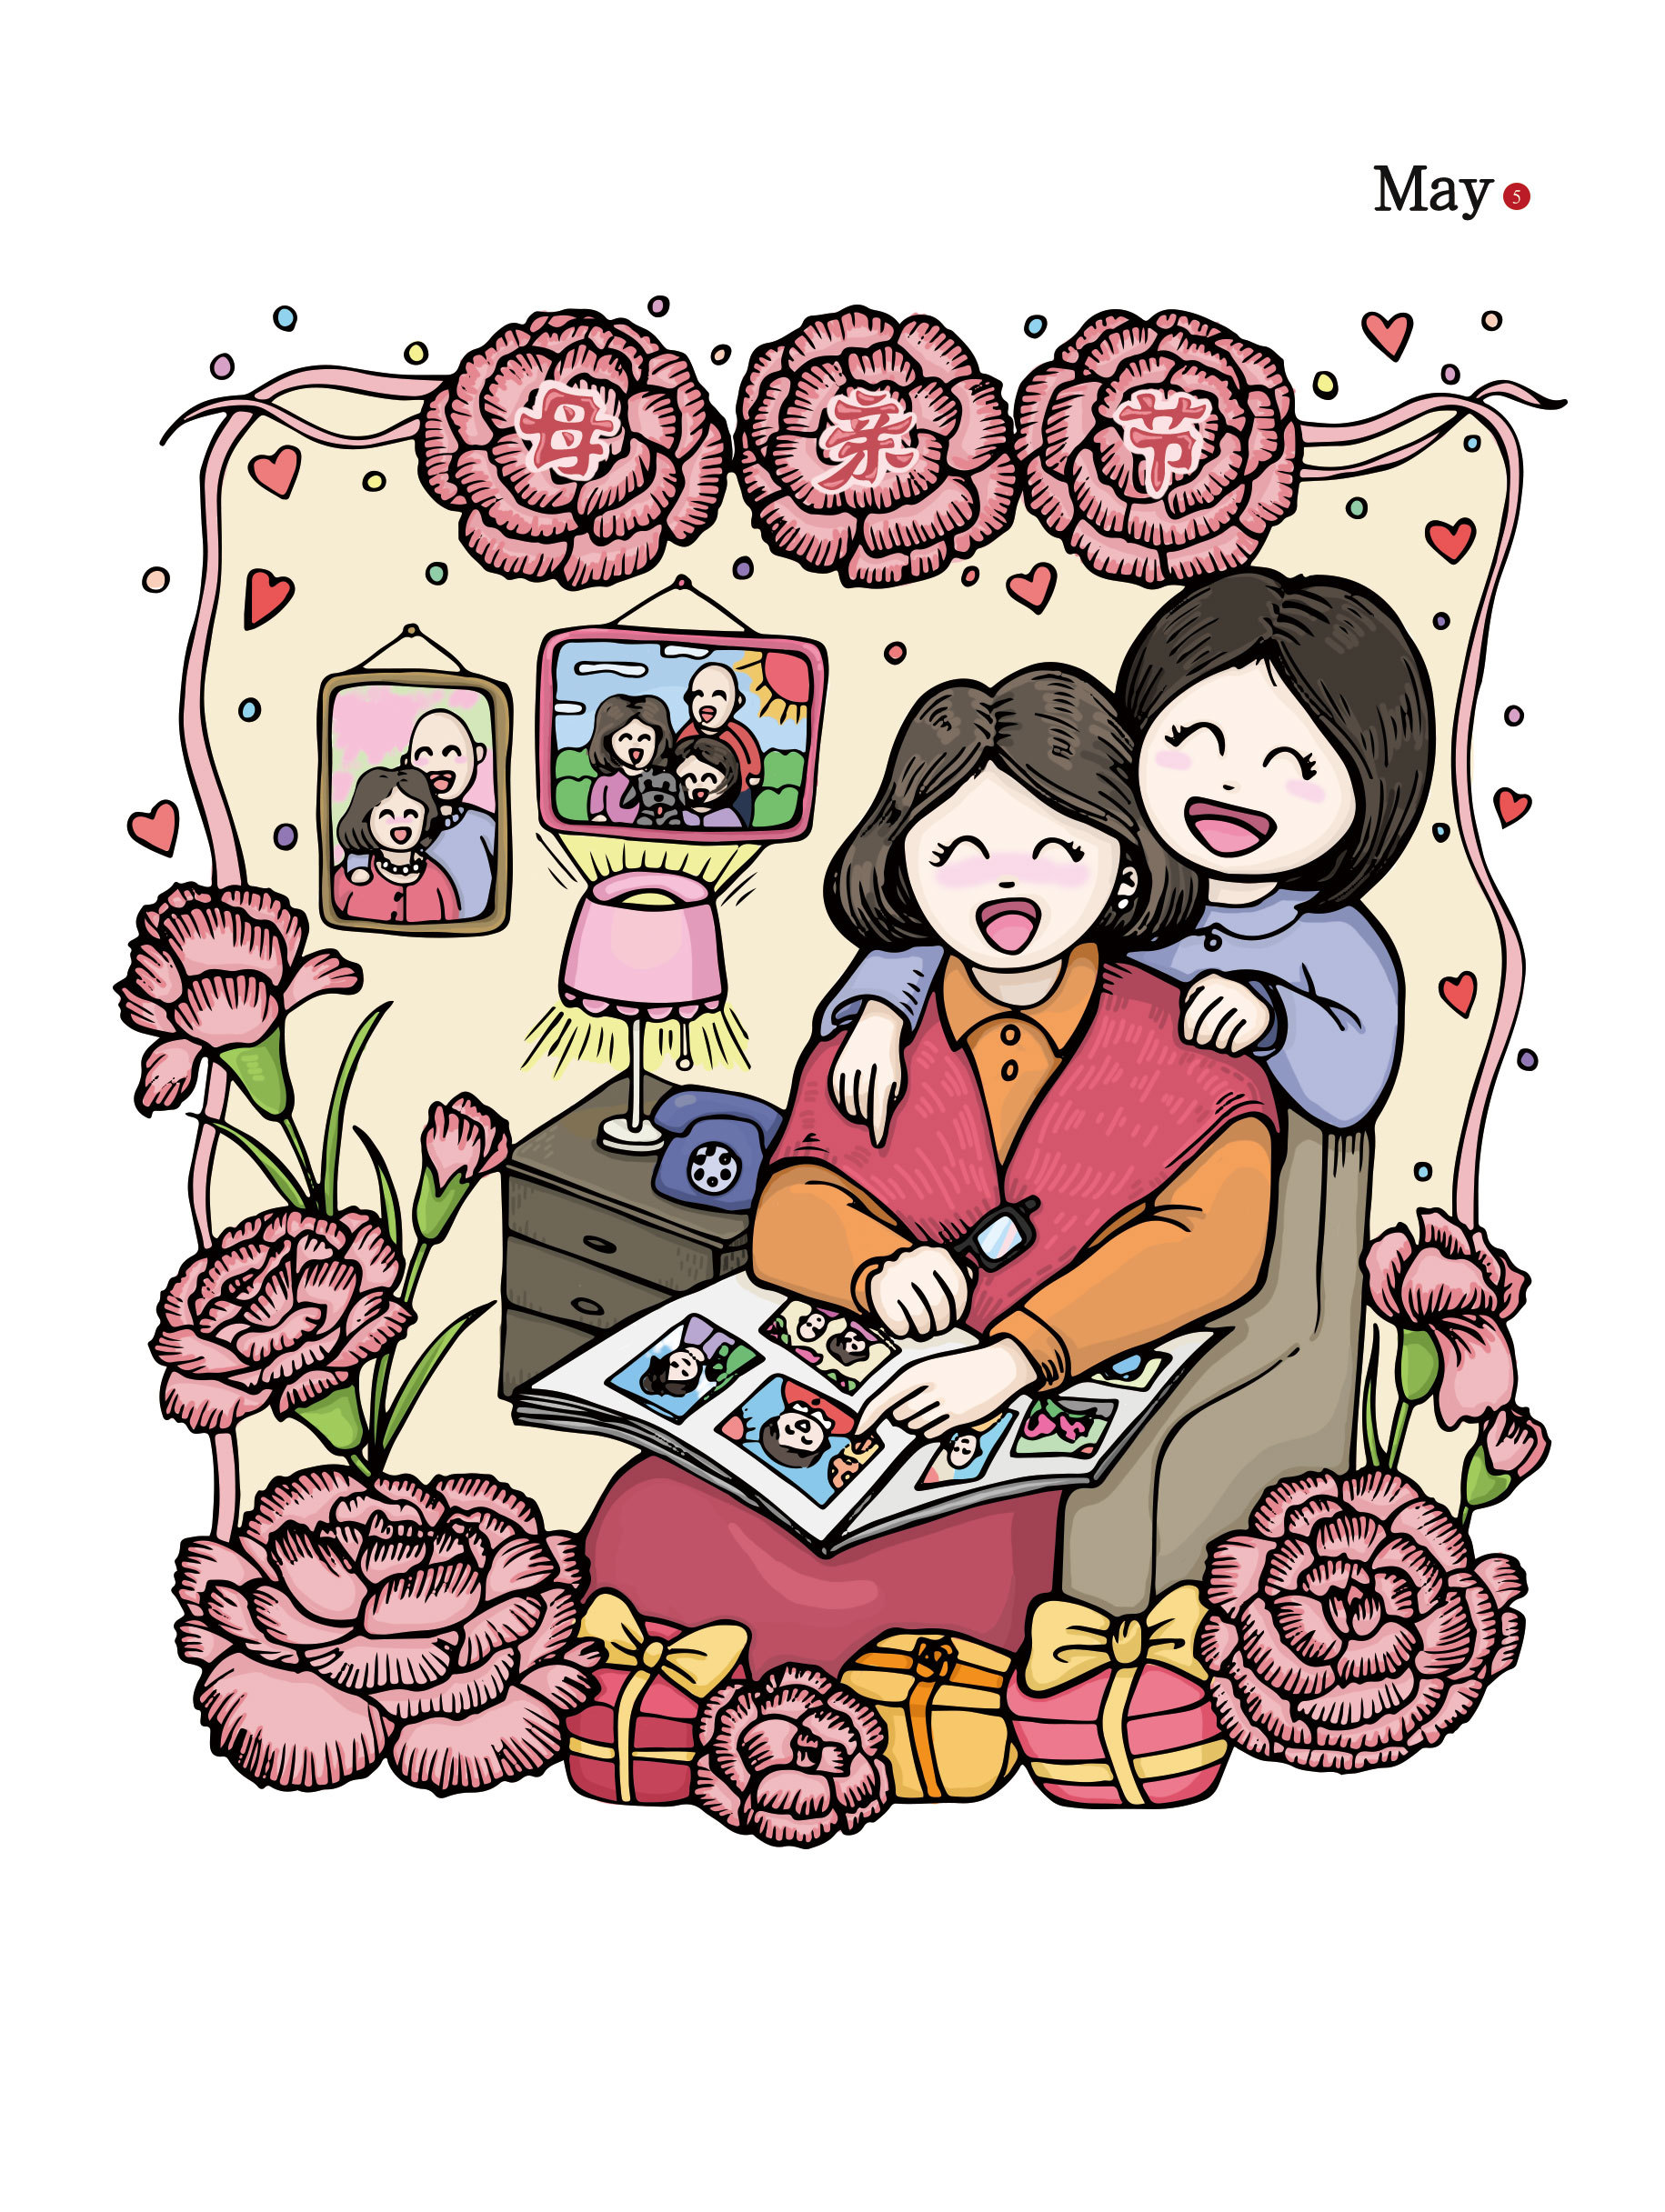 母亲节手绘插画(psd下载)